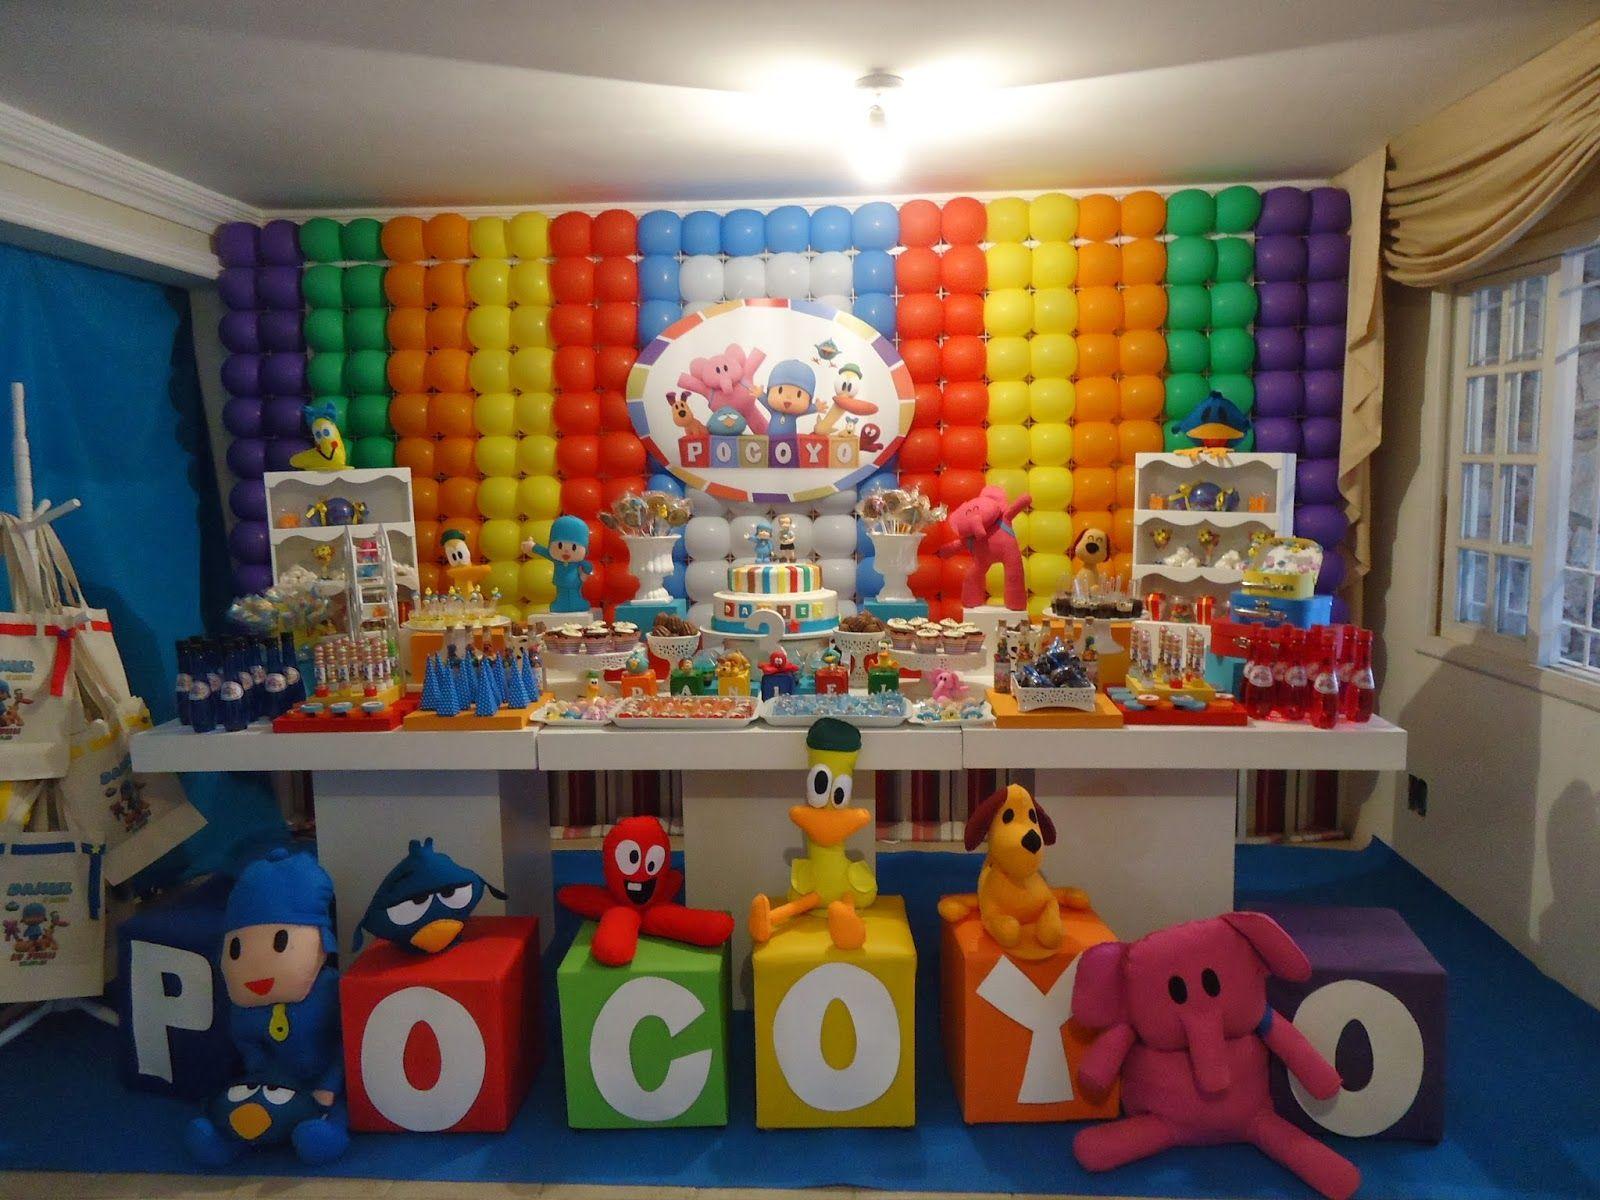 Decoracao De Festa Infantil Tema Pocoyo Com Imagens Festa